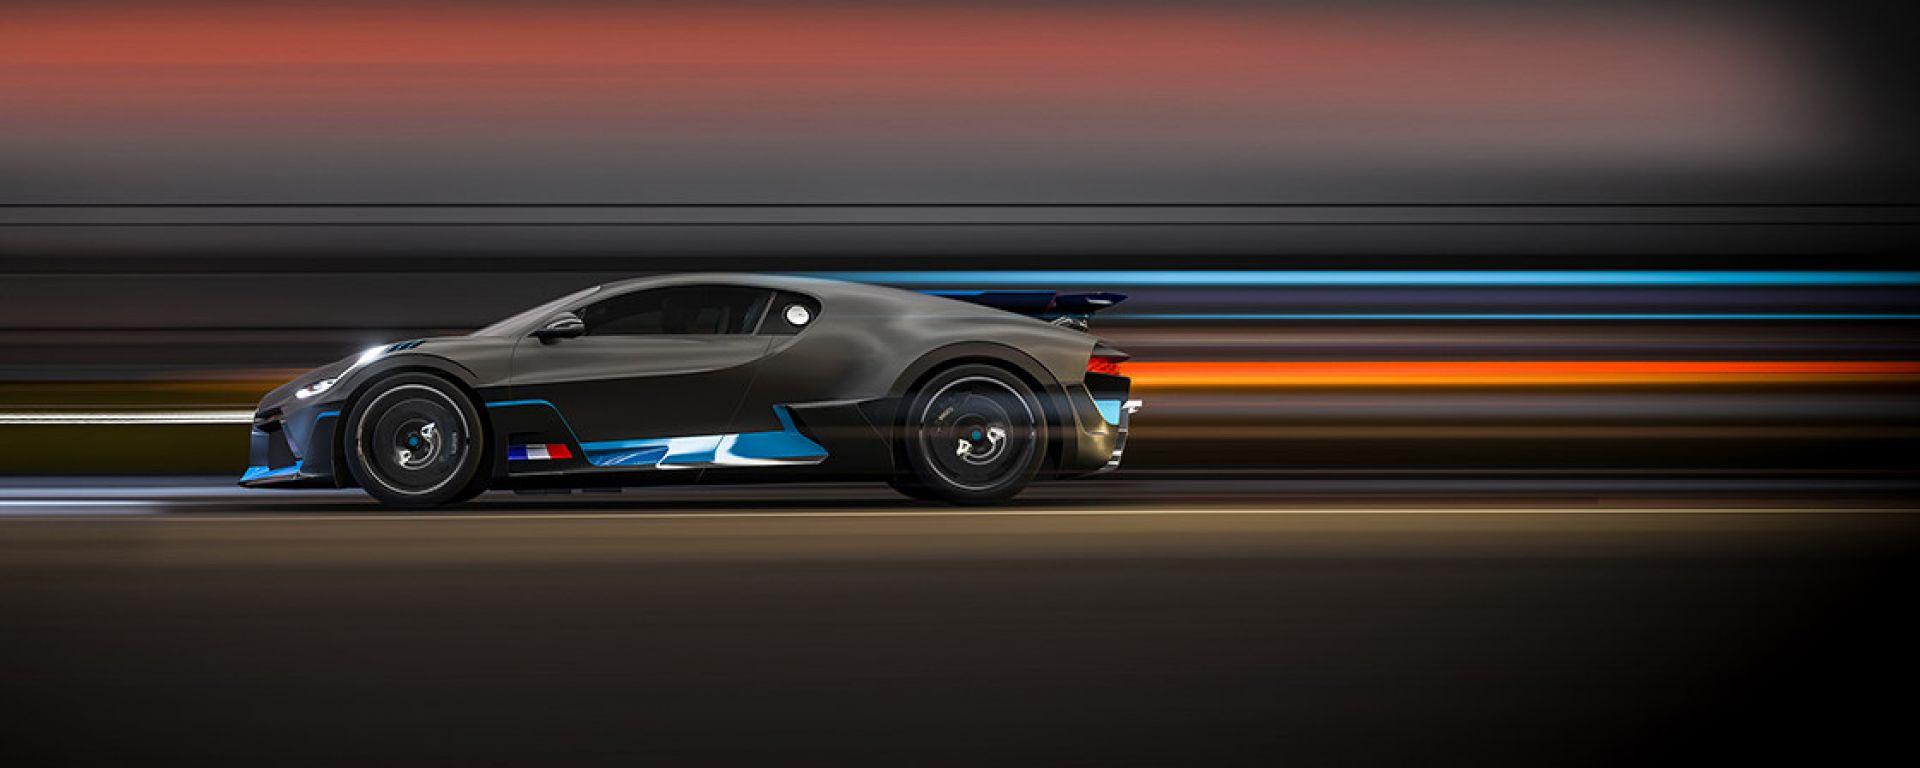 Più di cento nuove macchine in arrivo per Forza Horizon 4?